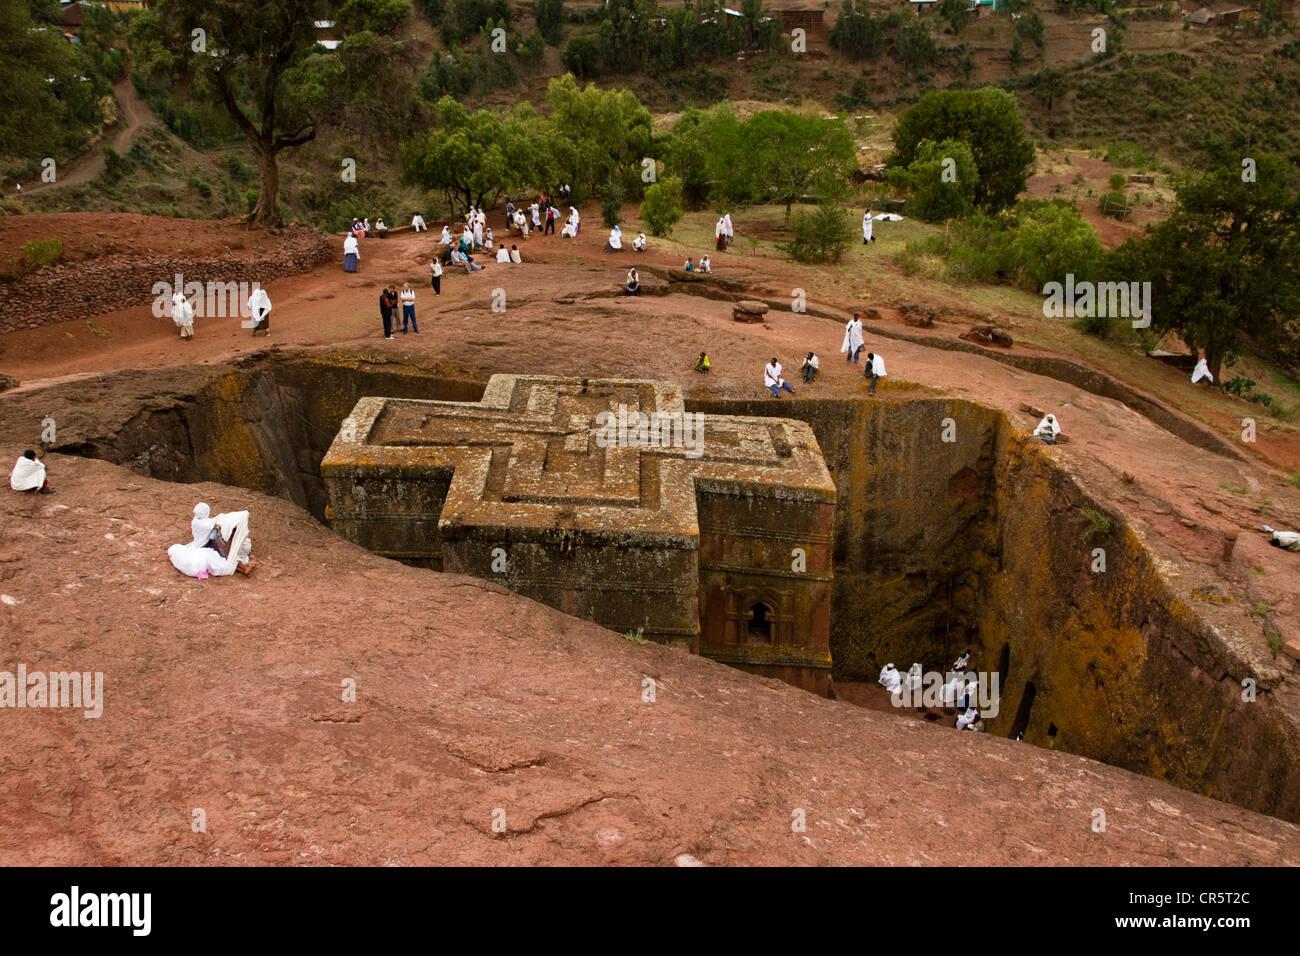 Bet Giyorgis Rock-Hewn Church, Lalibela, Ethiopia, Africa - Stock Image